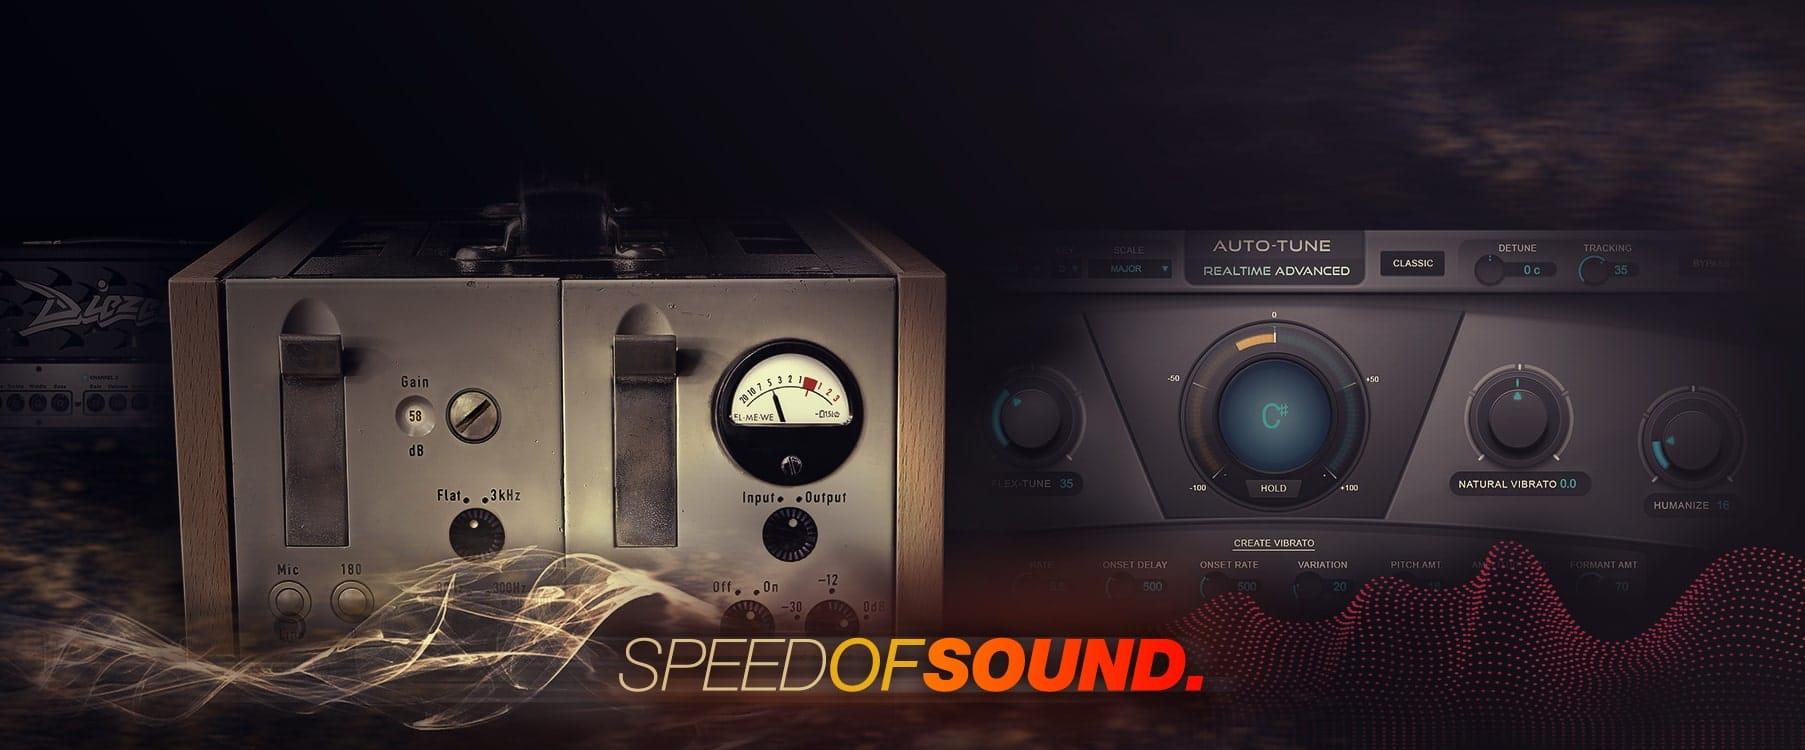 auto tune 5 free download full version